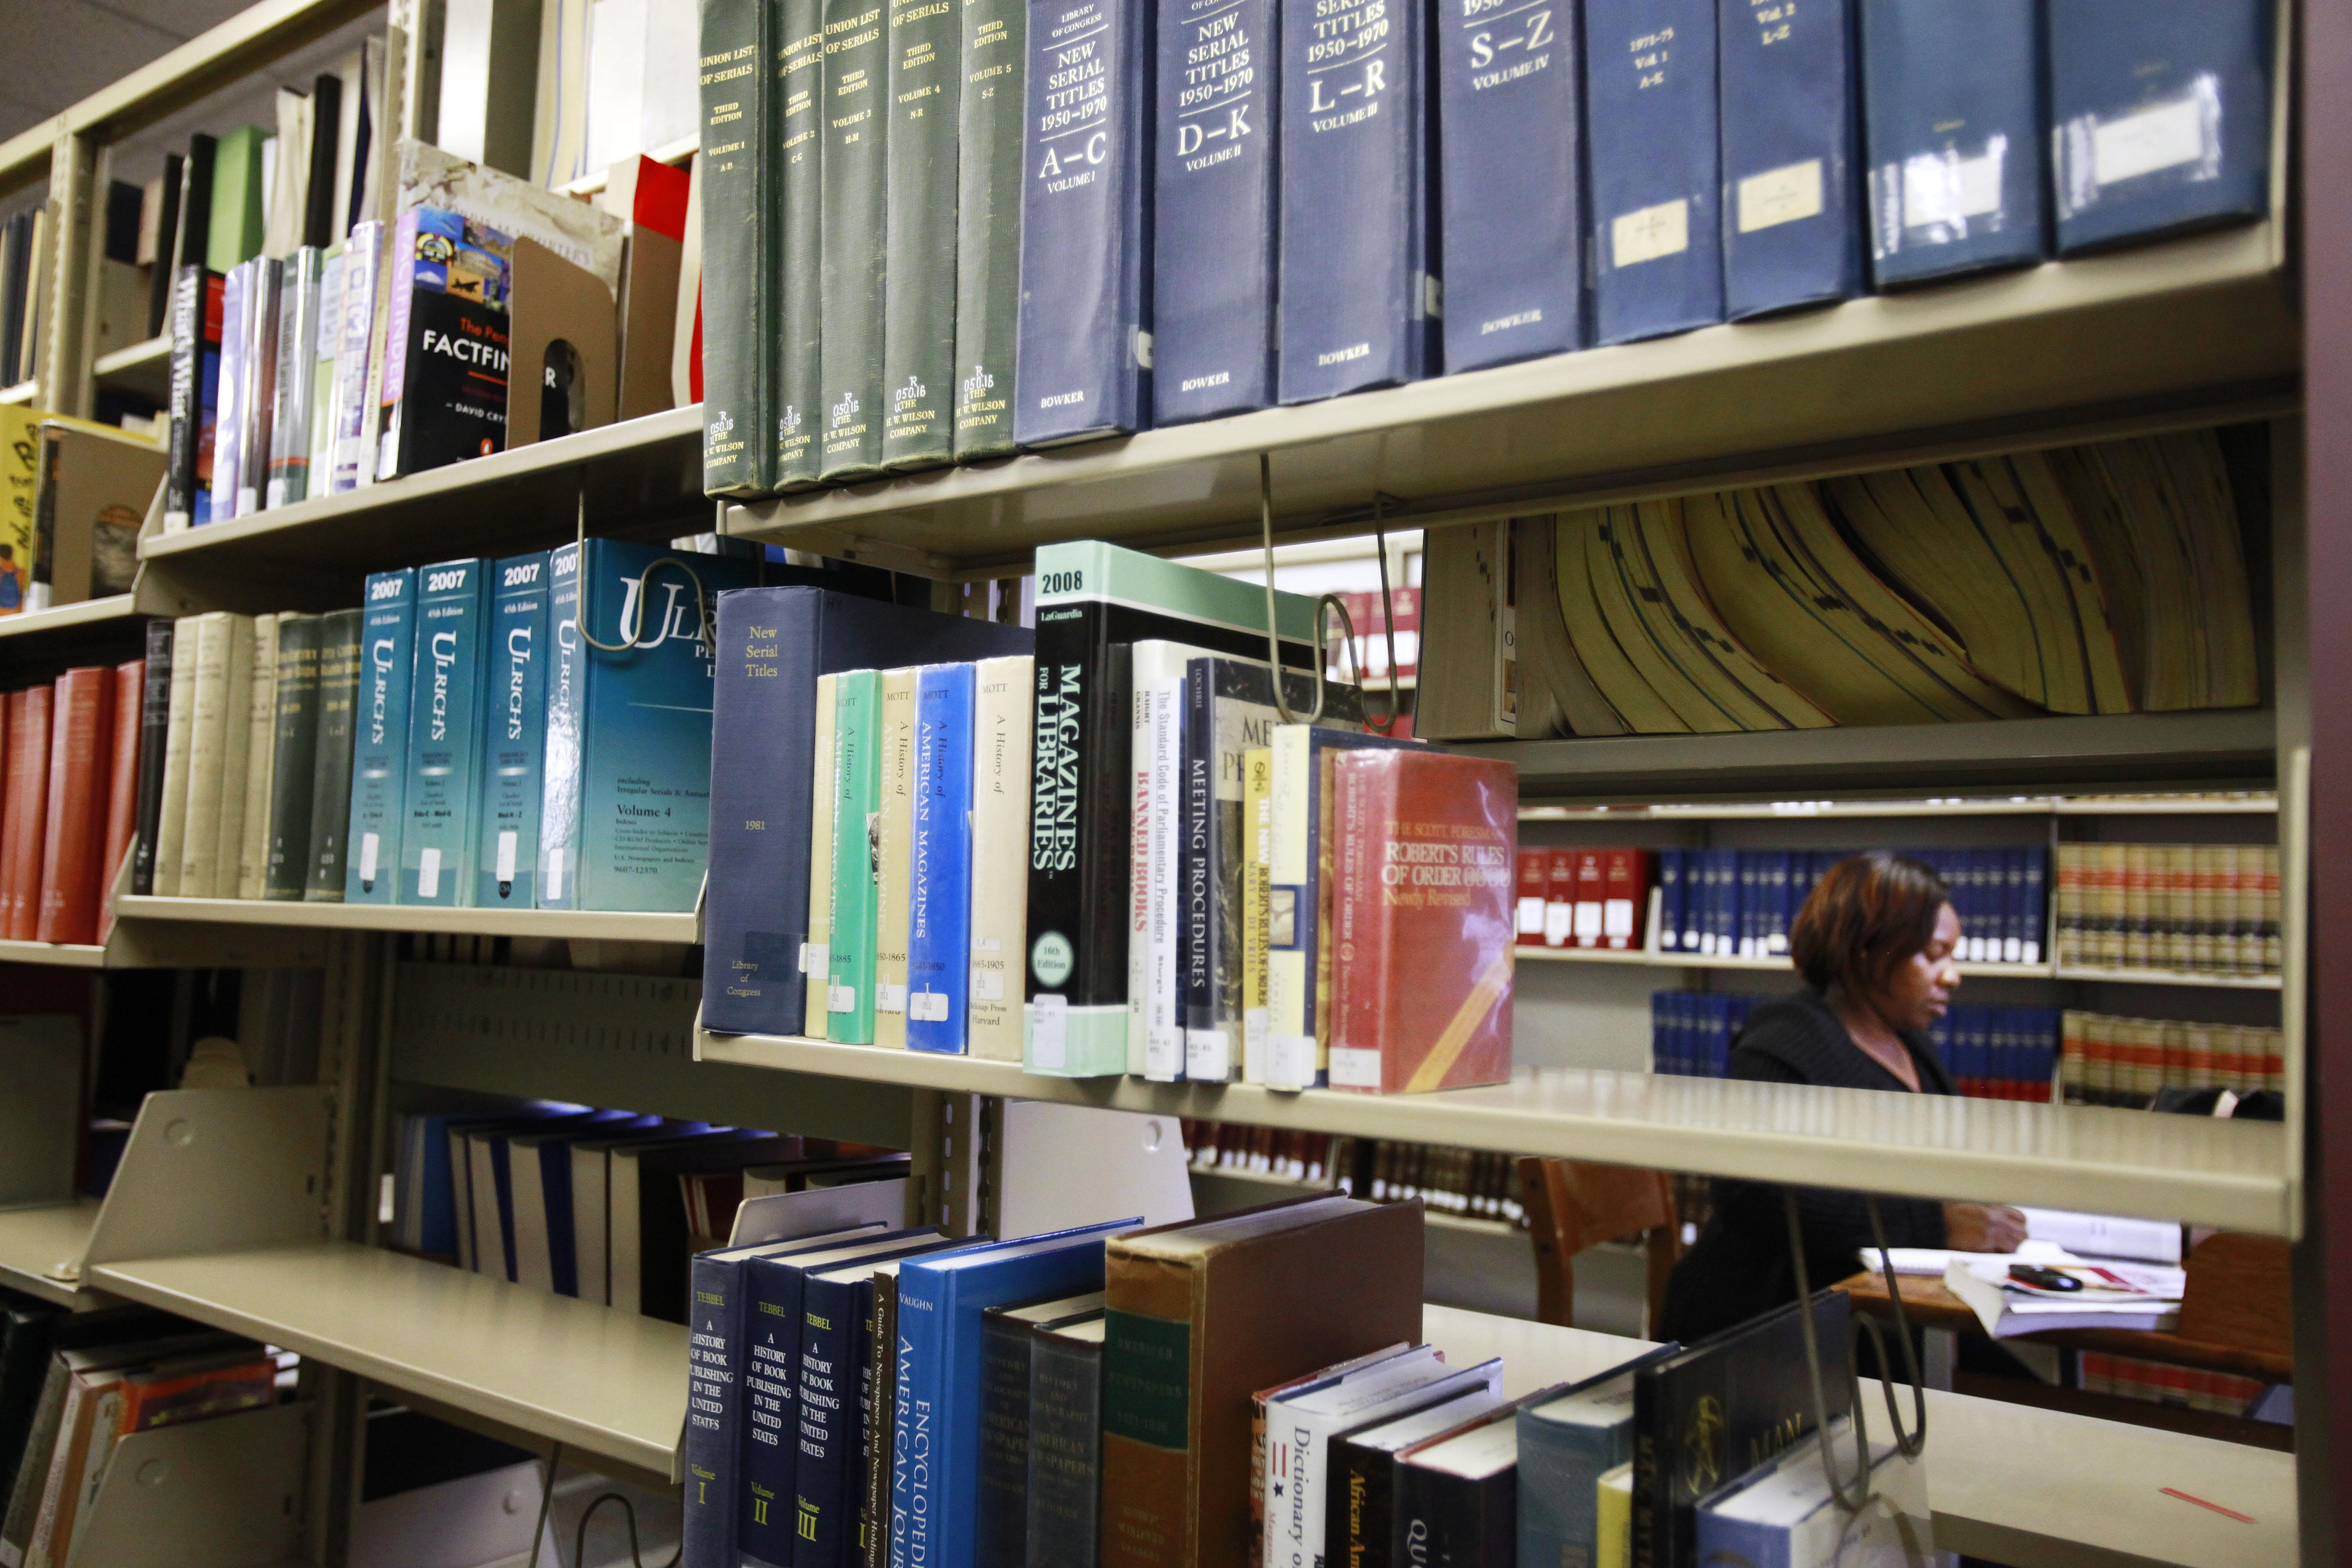 Books-College